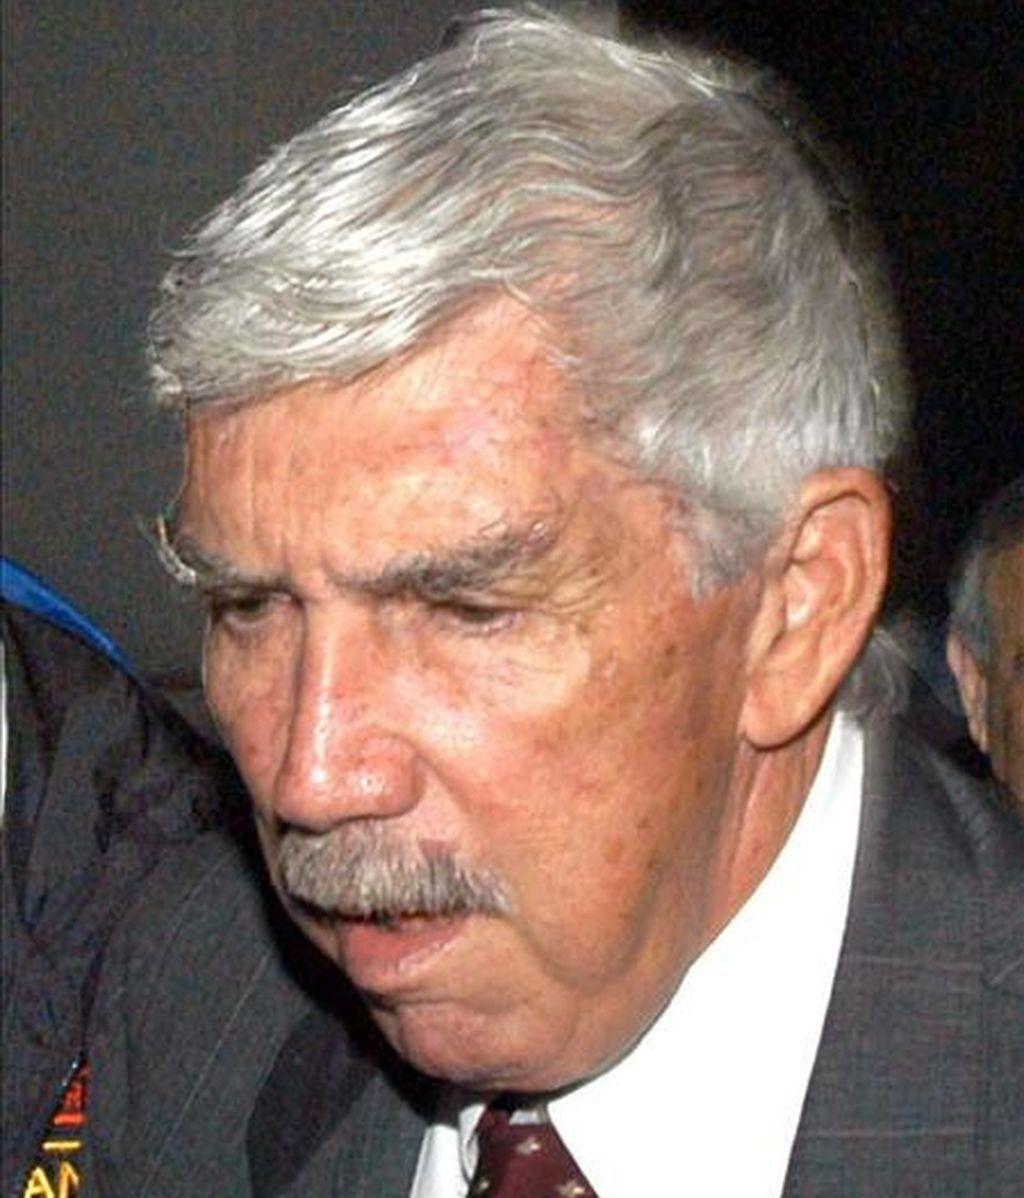 Venezuela solicitó en 2005 la extradición de Posada Carriles, un ex agente de la CIA que enfrenta juicios en Estados Unidos por supuestamente haber mentido durante su proceso de naturalización. EFE/Archivo